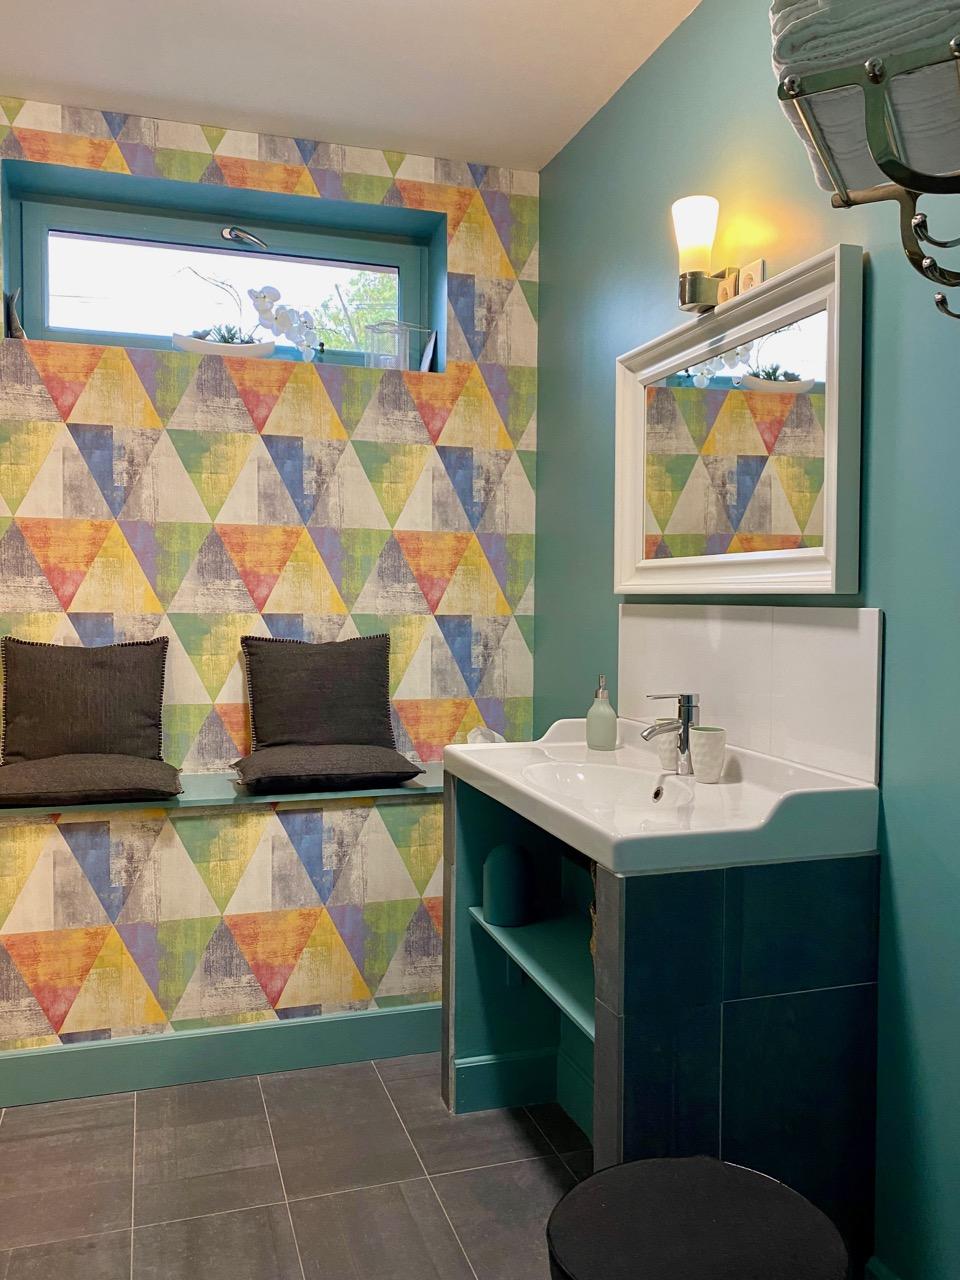 Chambres-d-hotes-Plumes-et-Coton-Ecurie-salle-de-bains